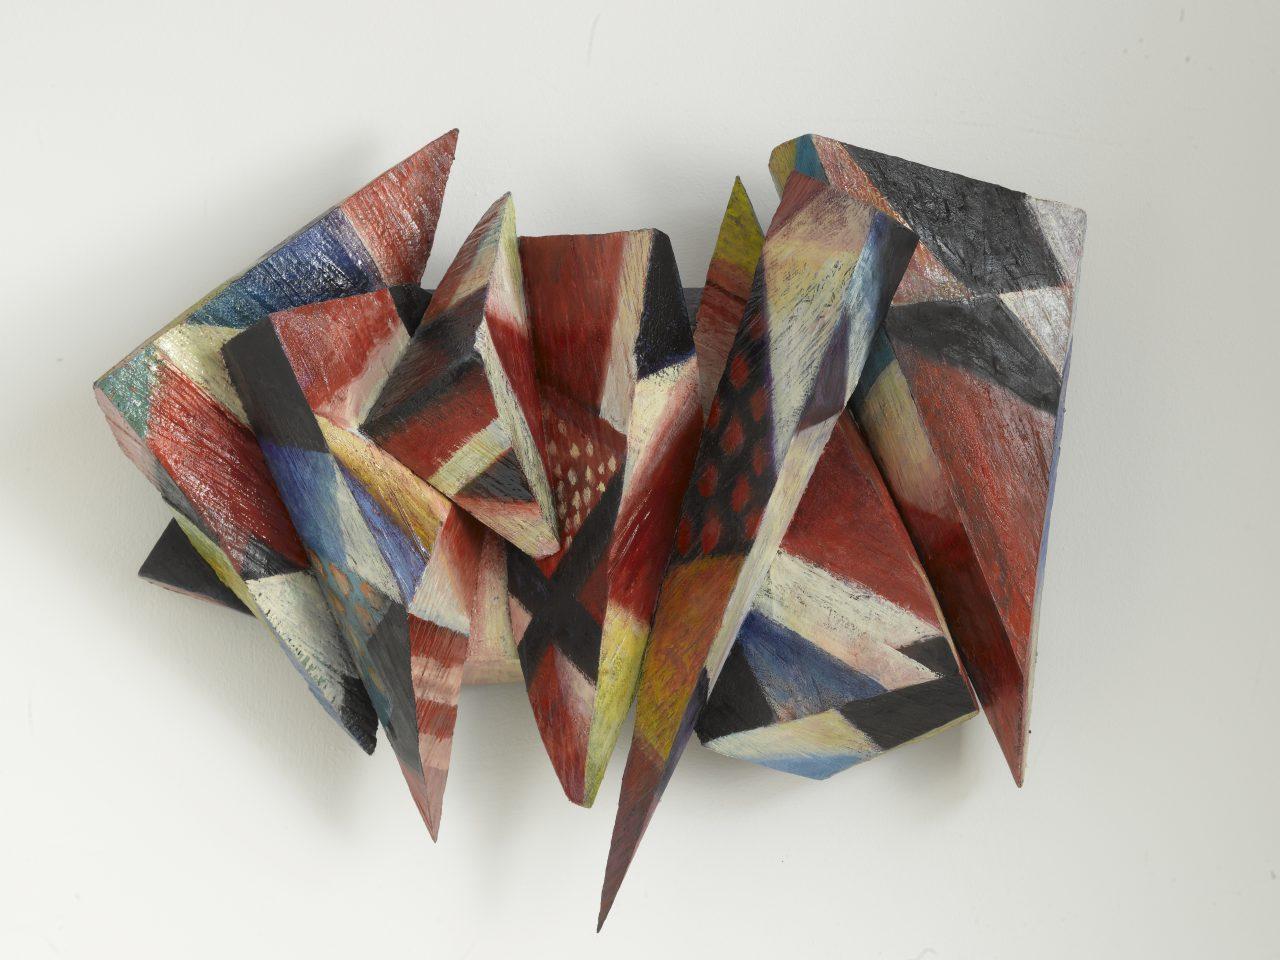 MÄRY, 2010 - 2018, Harzöl-Tempera auf Holz, 45 x 55 x 20 cm